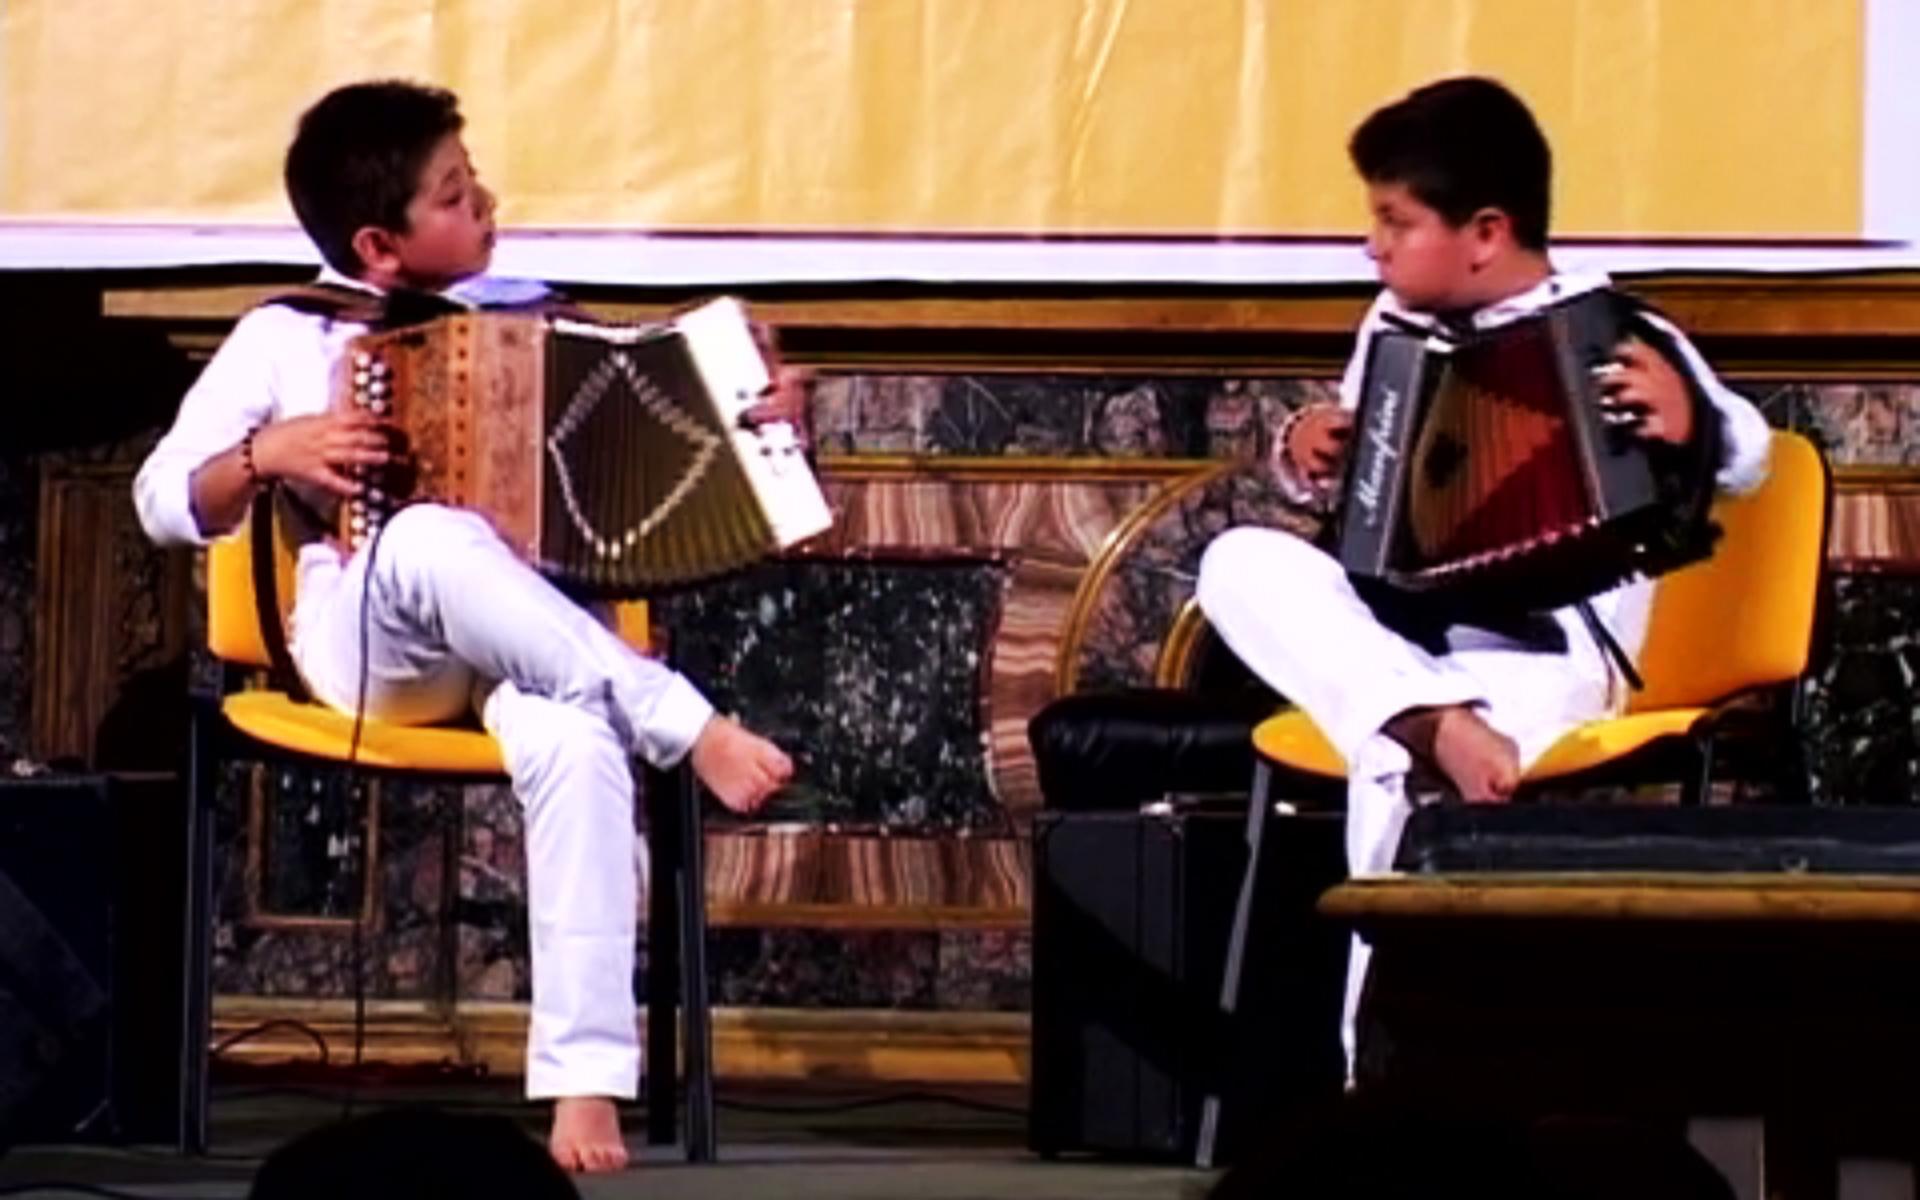 36o PIF Premio Internazionale della Fisarmonica 2011 | Alessandro e Gabriele Guglielmi clip #02